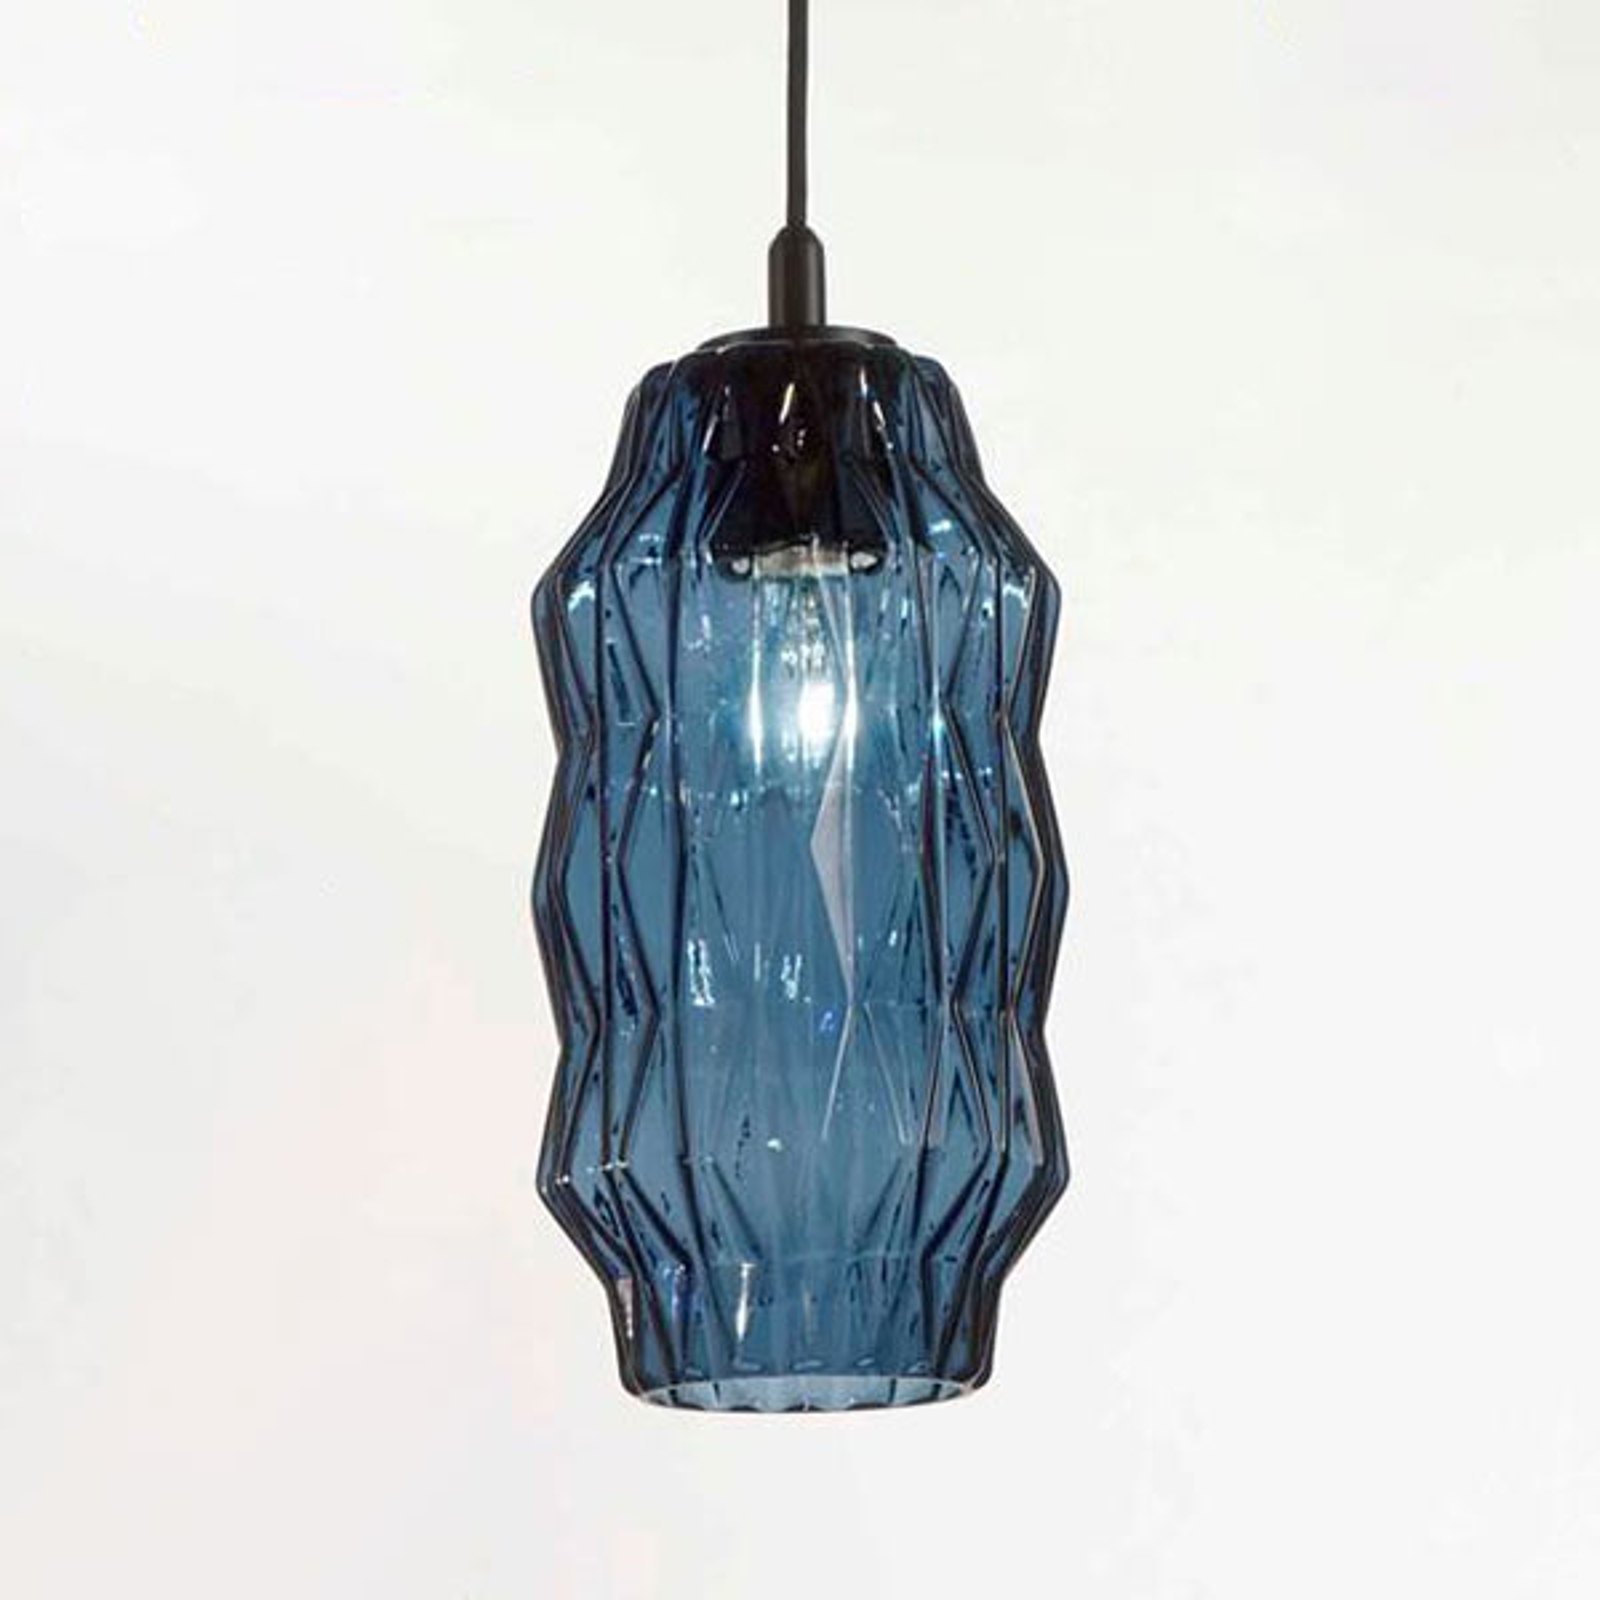 Hanglamp origami van glas, blauw